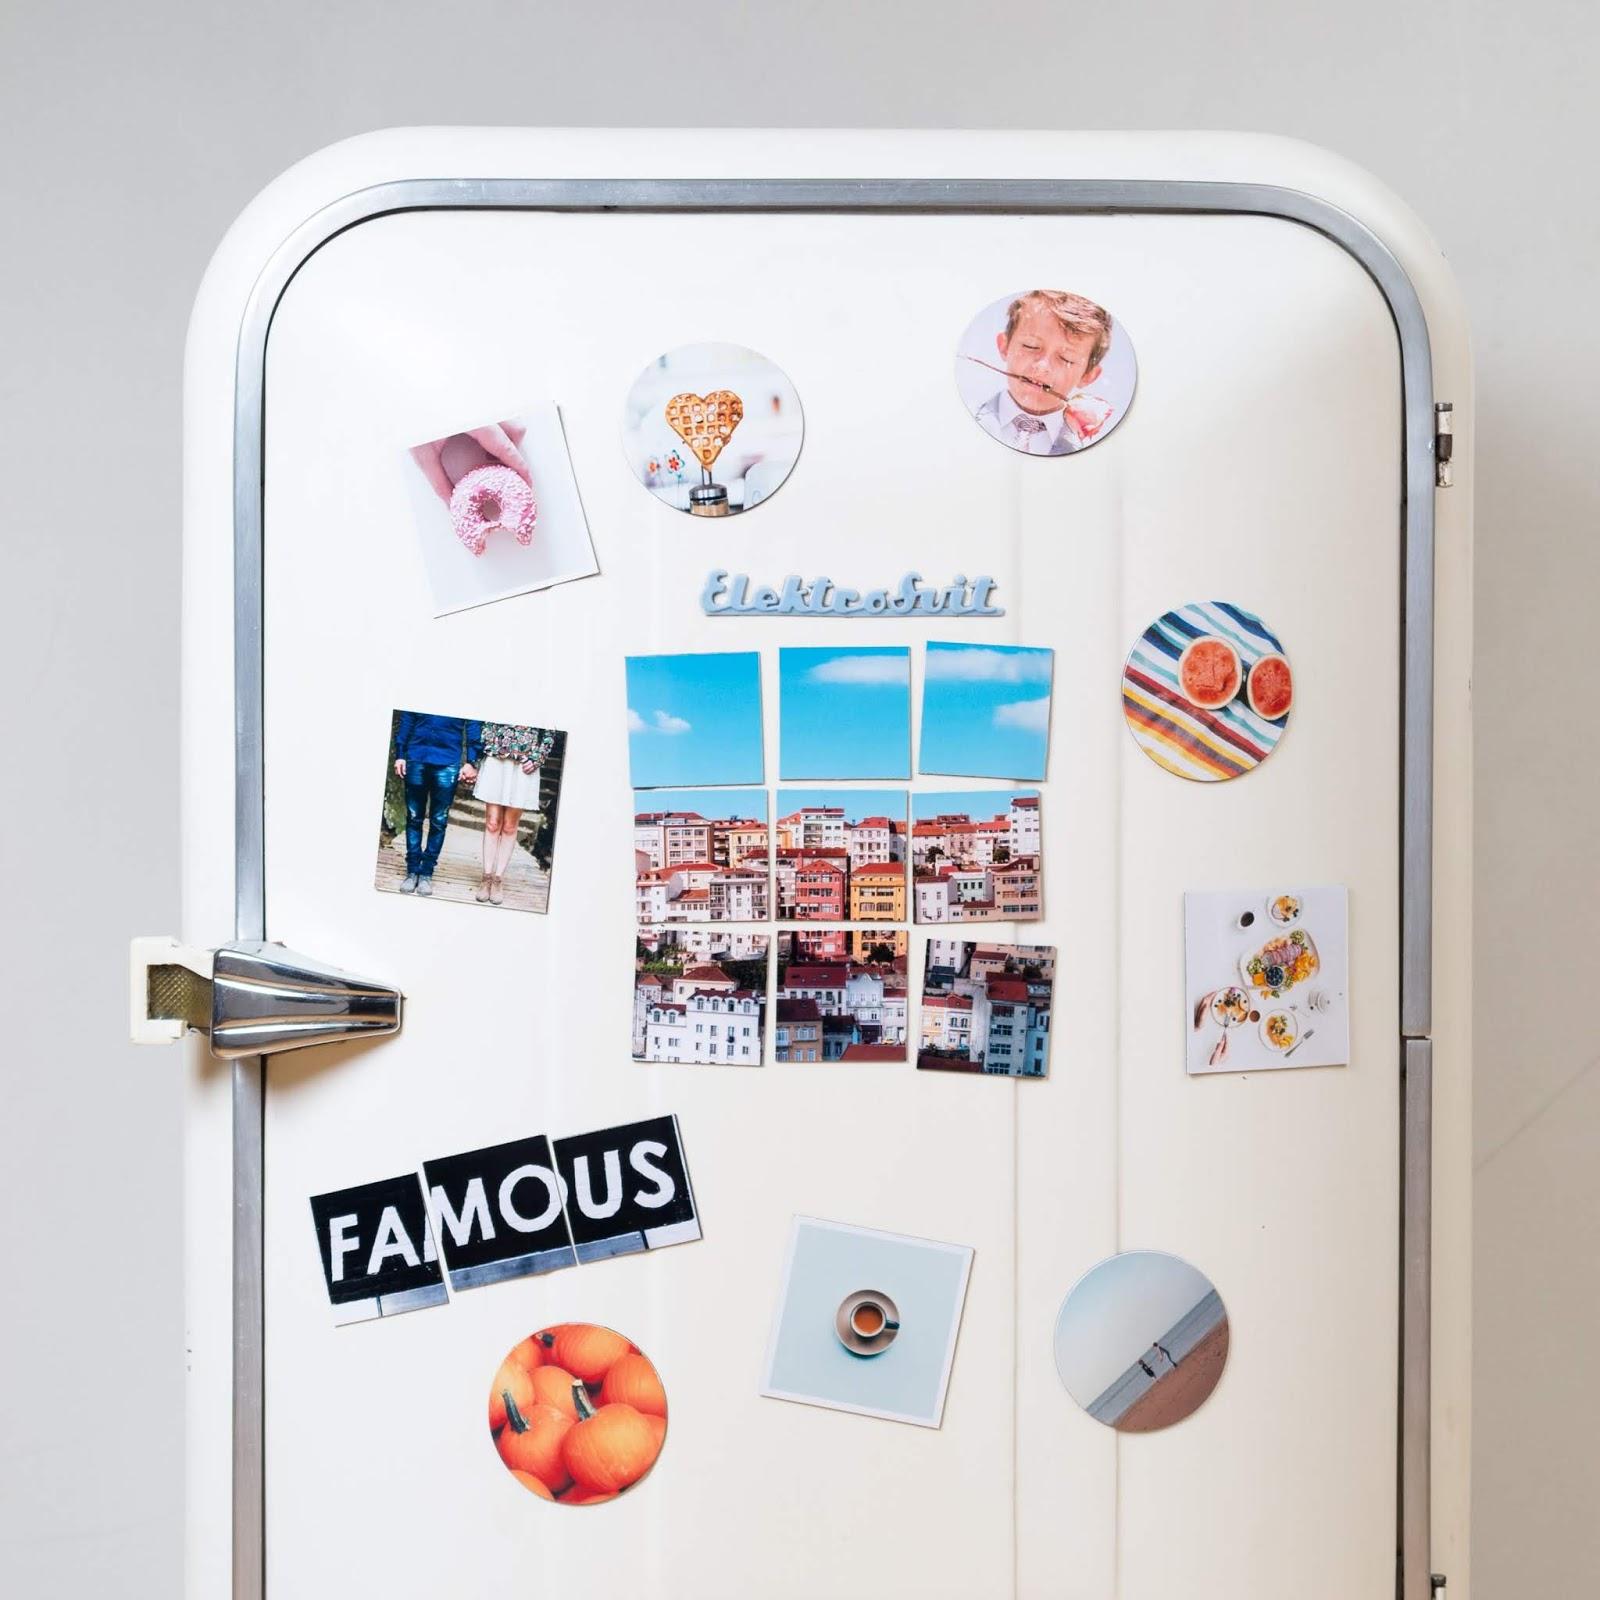 jak odpowiednio przechowywać produkty w lodówce?